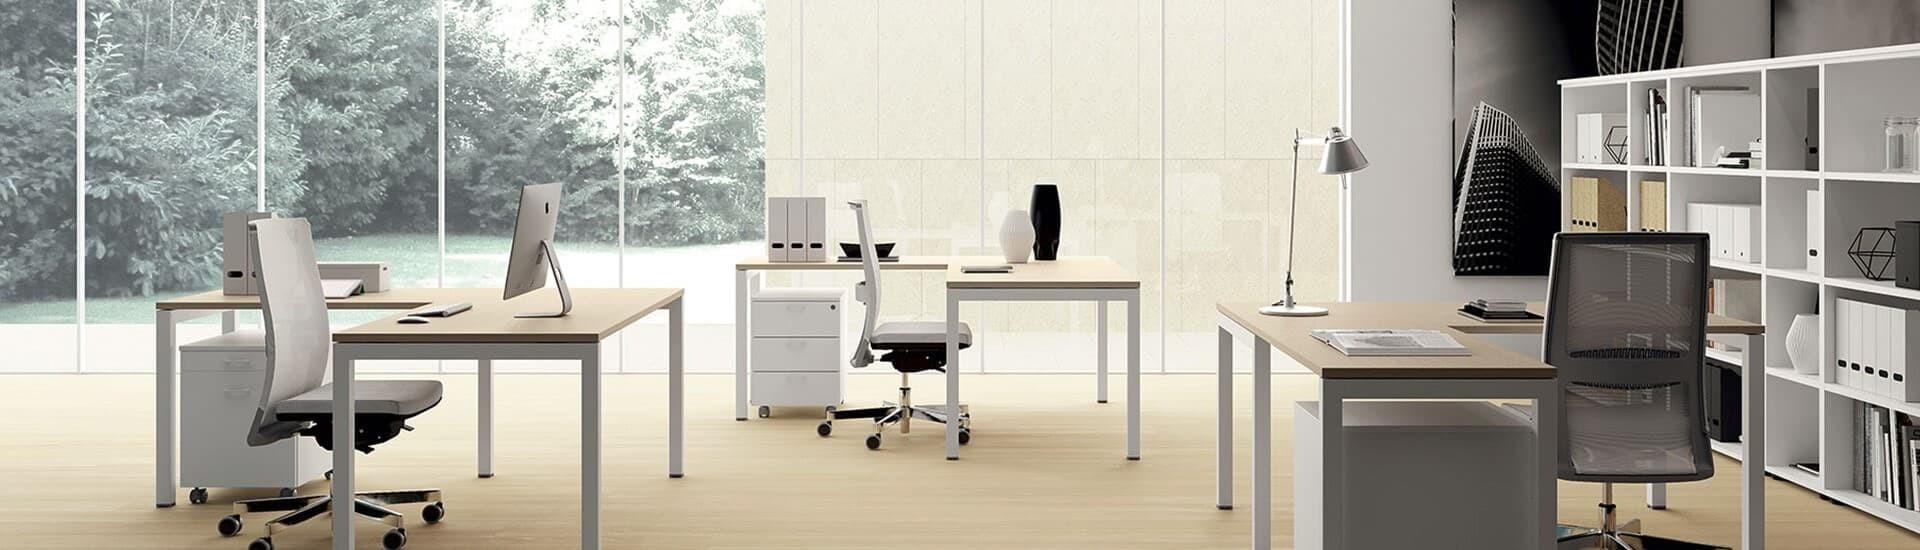 Spécialiste en mobilier de bureau neuf et occasion depuis 1995